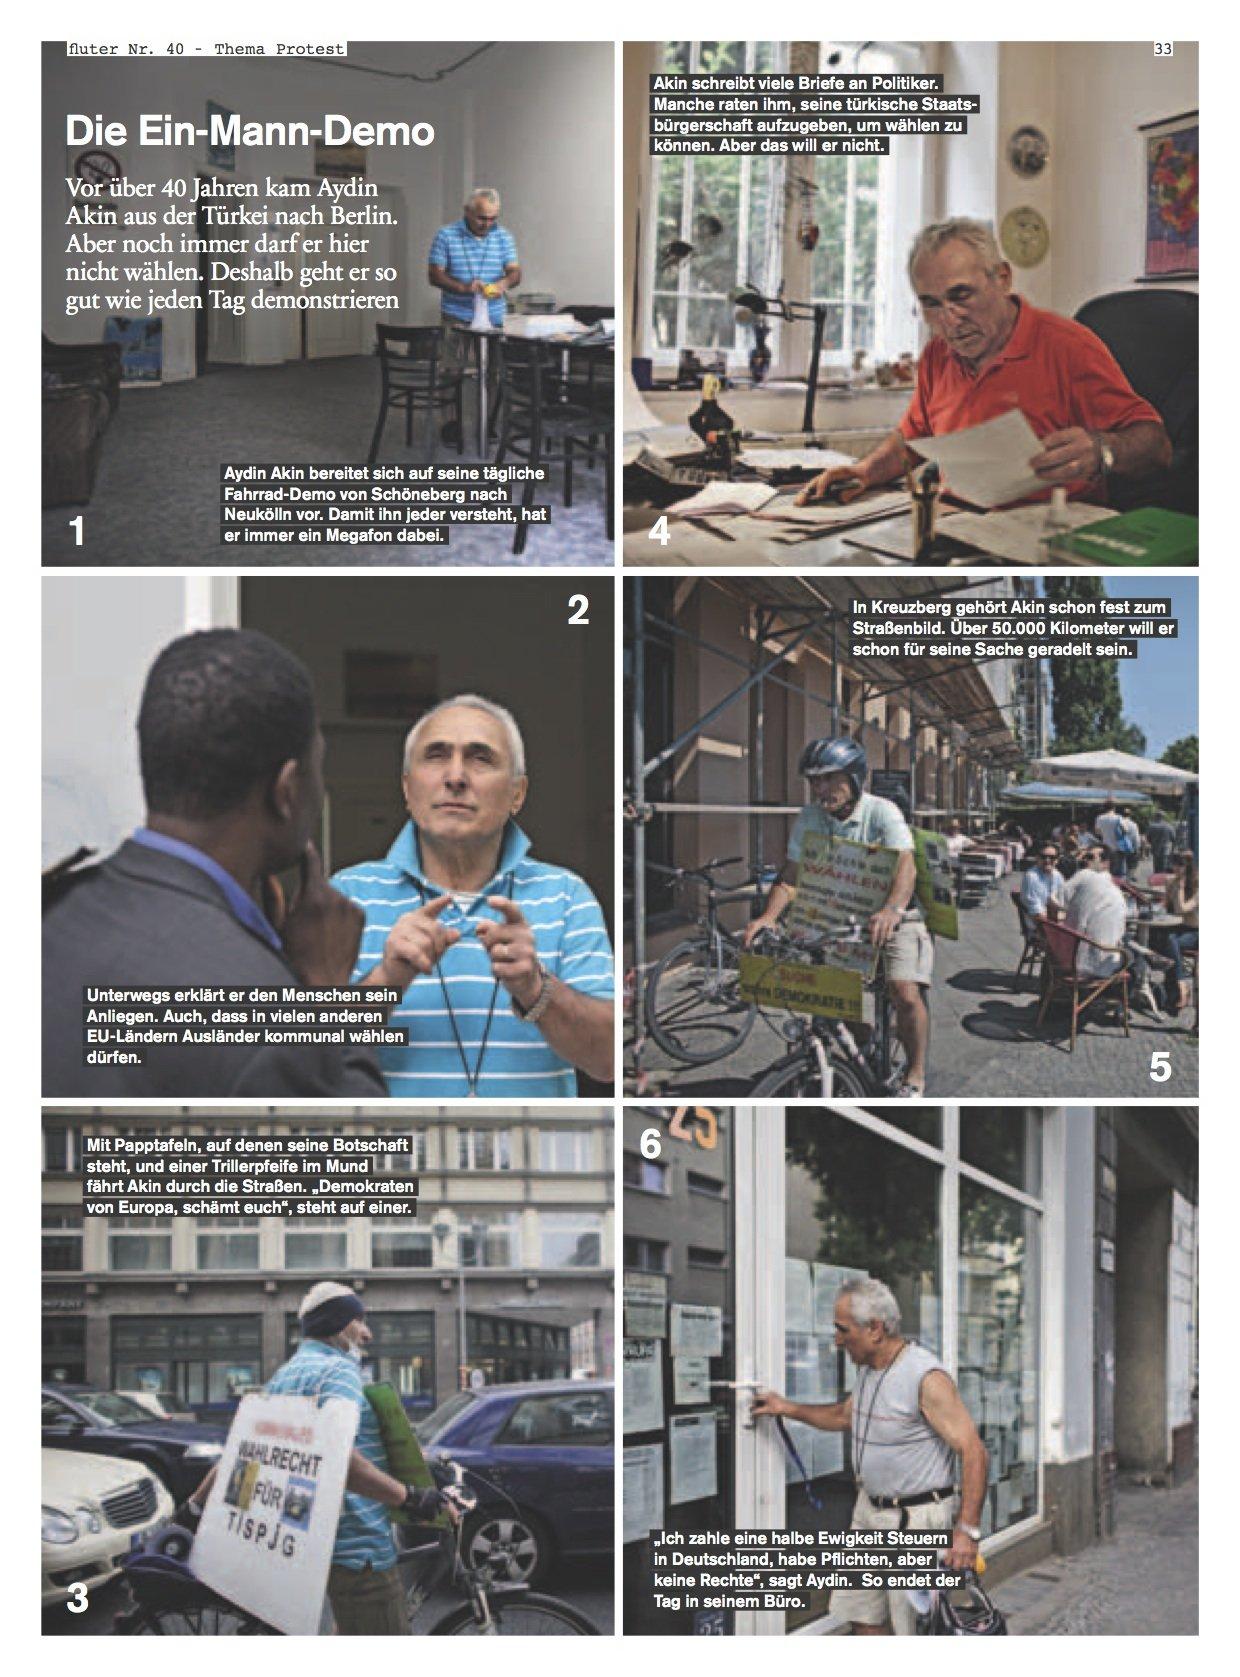 Aydin Akin kam aus über 40 Jahren aus der Türkei nach Berlin. Er darf immer noch nicht wählen, deshalb geht er jeden Tag protestieren.